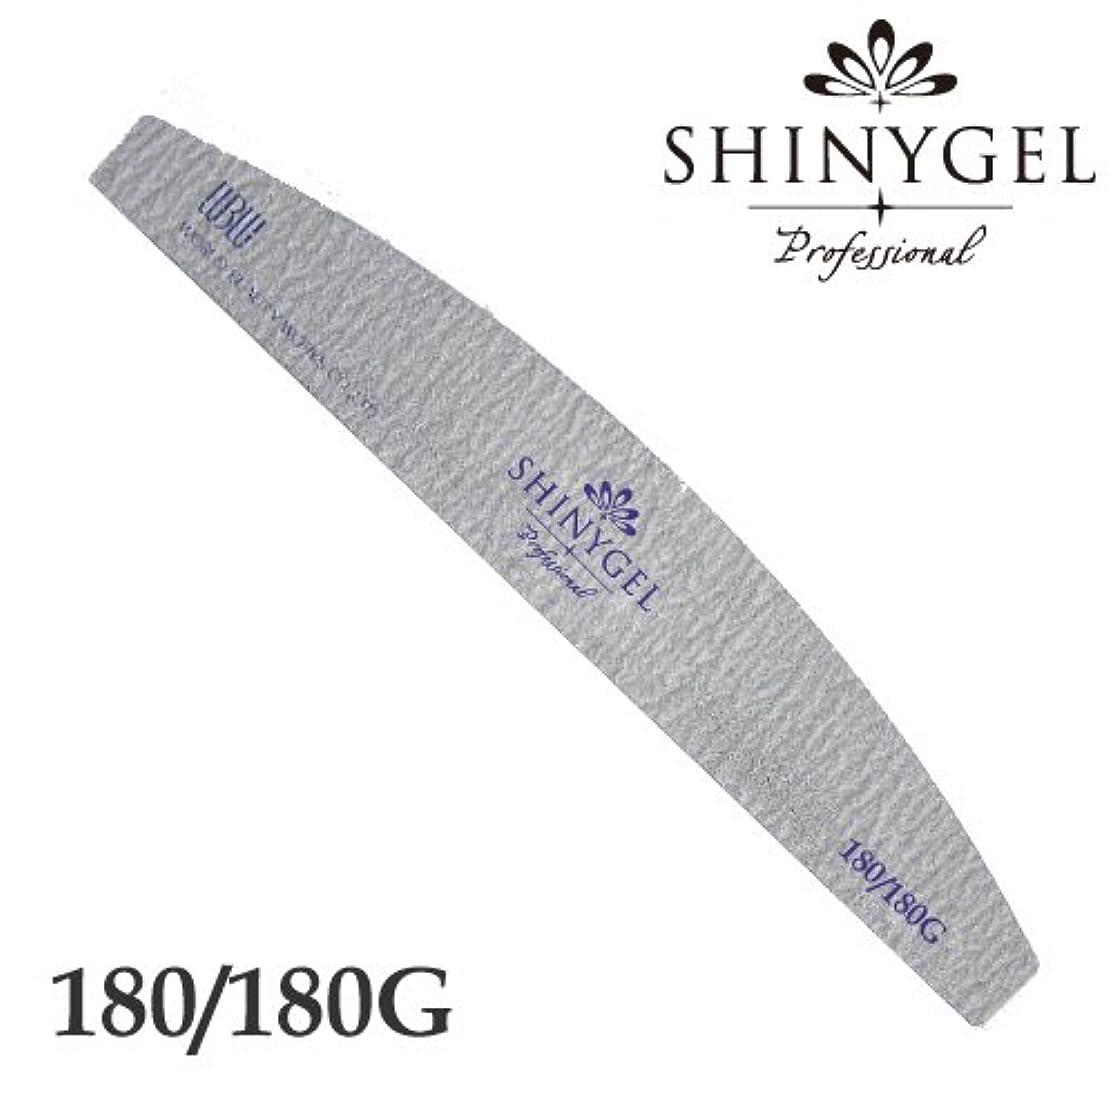 ジャズカテナメタルラインSHINYGEL Professional シャイニージェルプロフェッショナル ゼブラファイル ホワイト(アーチ型) 180/180G ジェルネイル 爪やすり